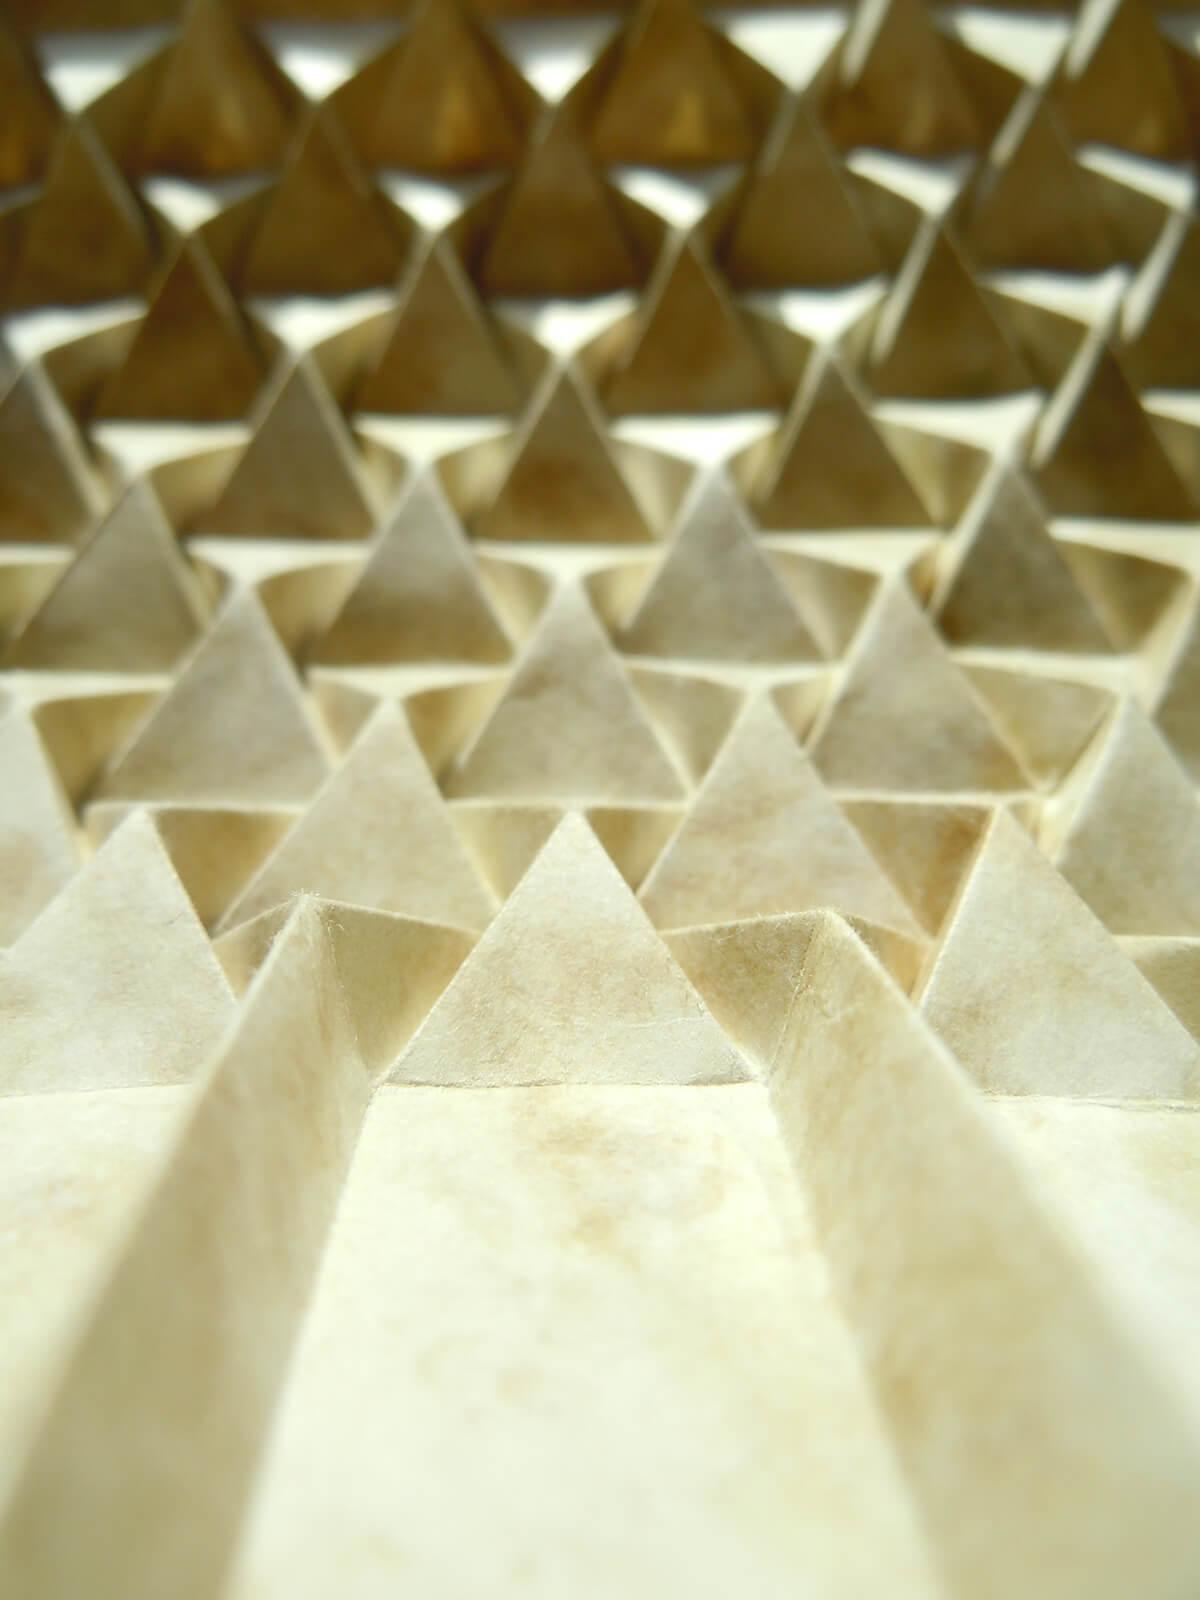 Diamond Corrugation by Robin Scholz